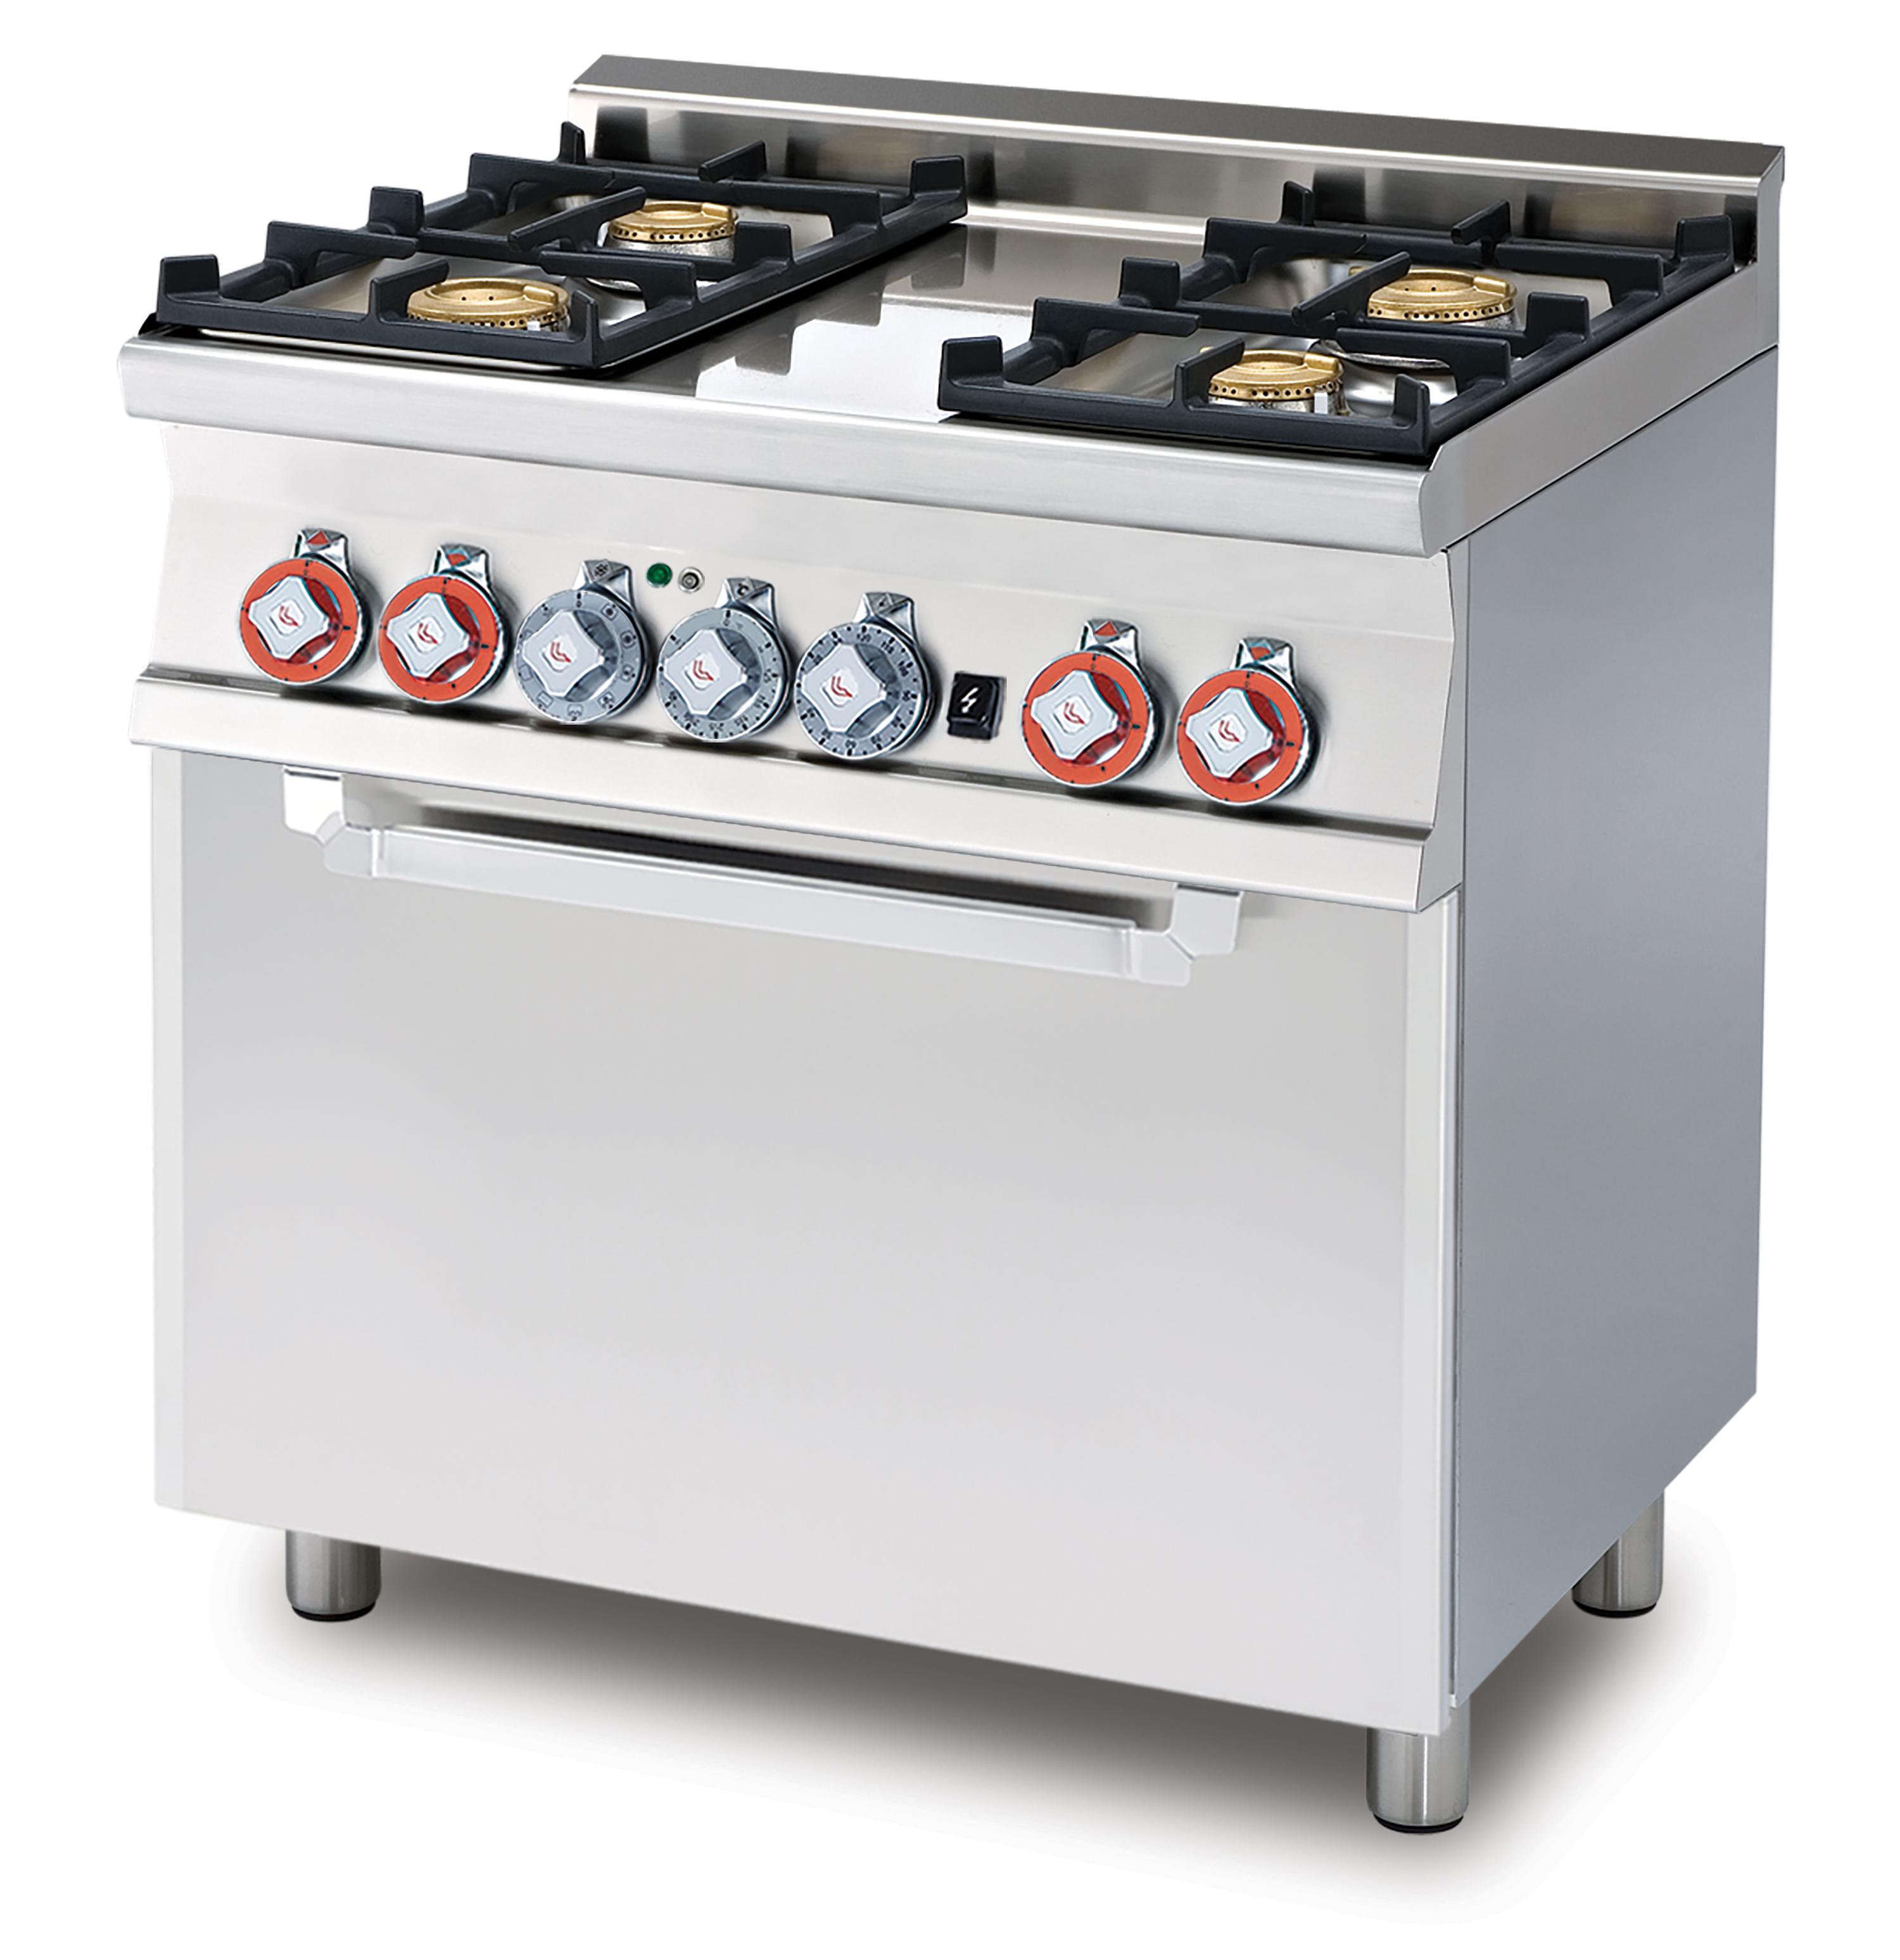 Lotus 60 magiclotus cucine a gas con forno elettrico - Manutenzione cucina a gas ...